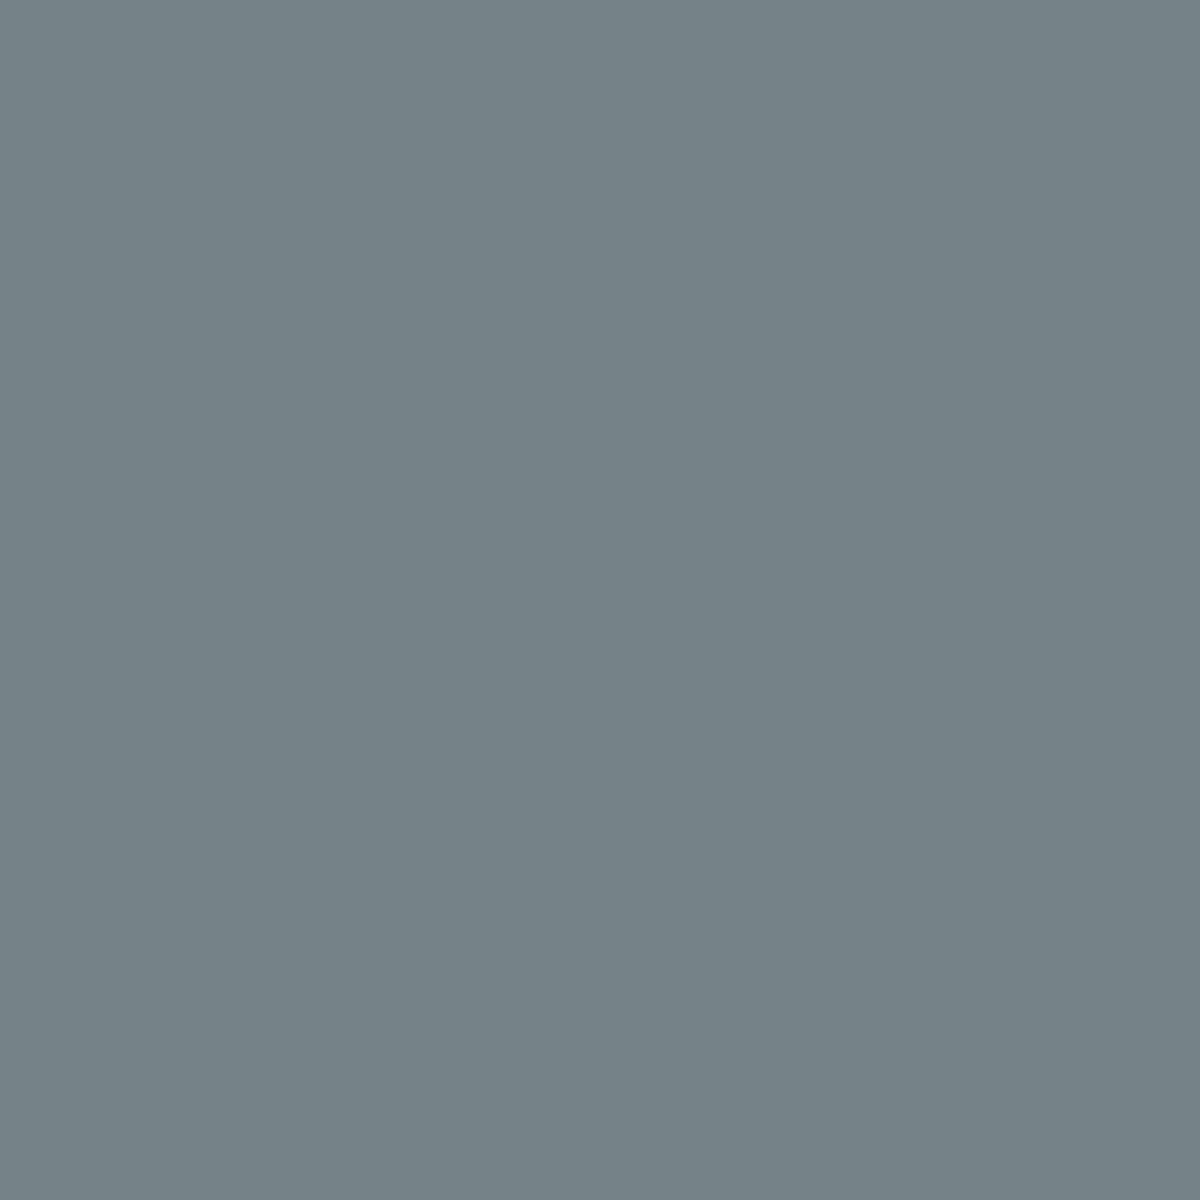 Bild 2 von toomEigenmarken -              Universal-Sprühlack seidenmatt grau 150 ml